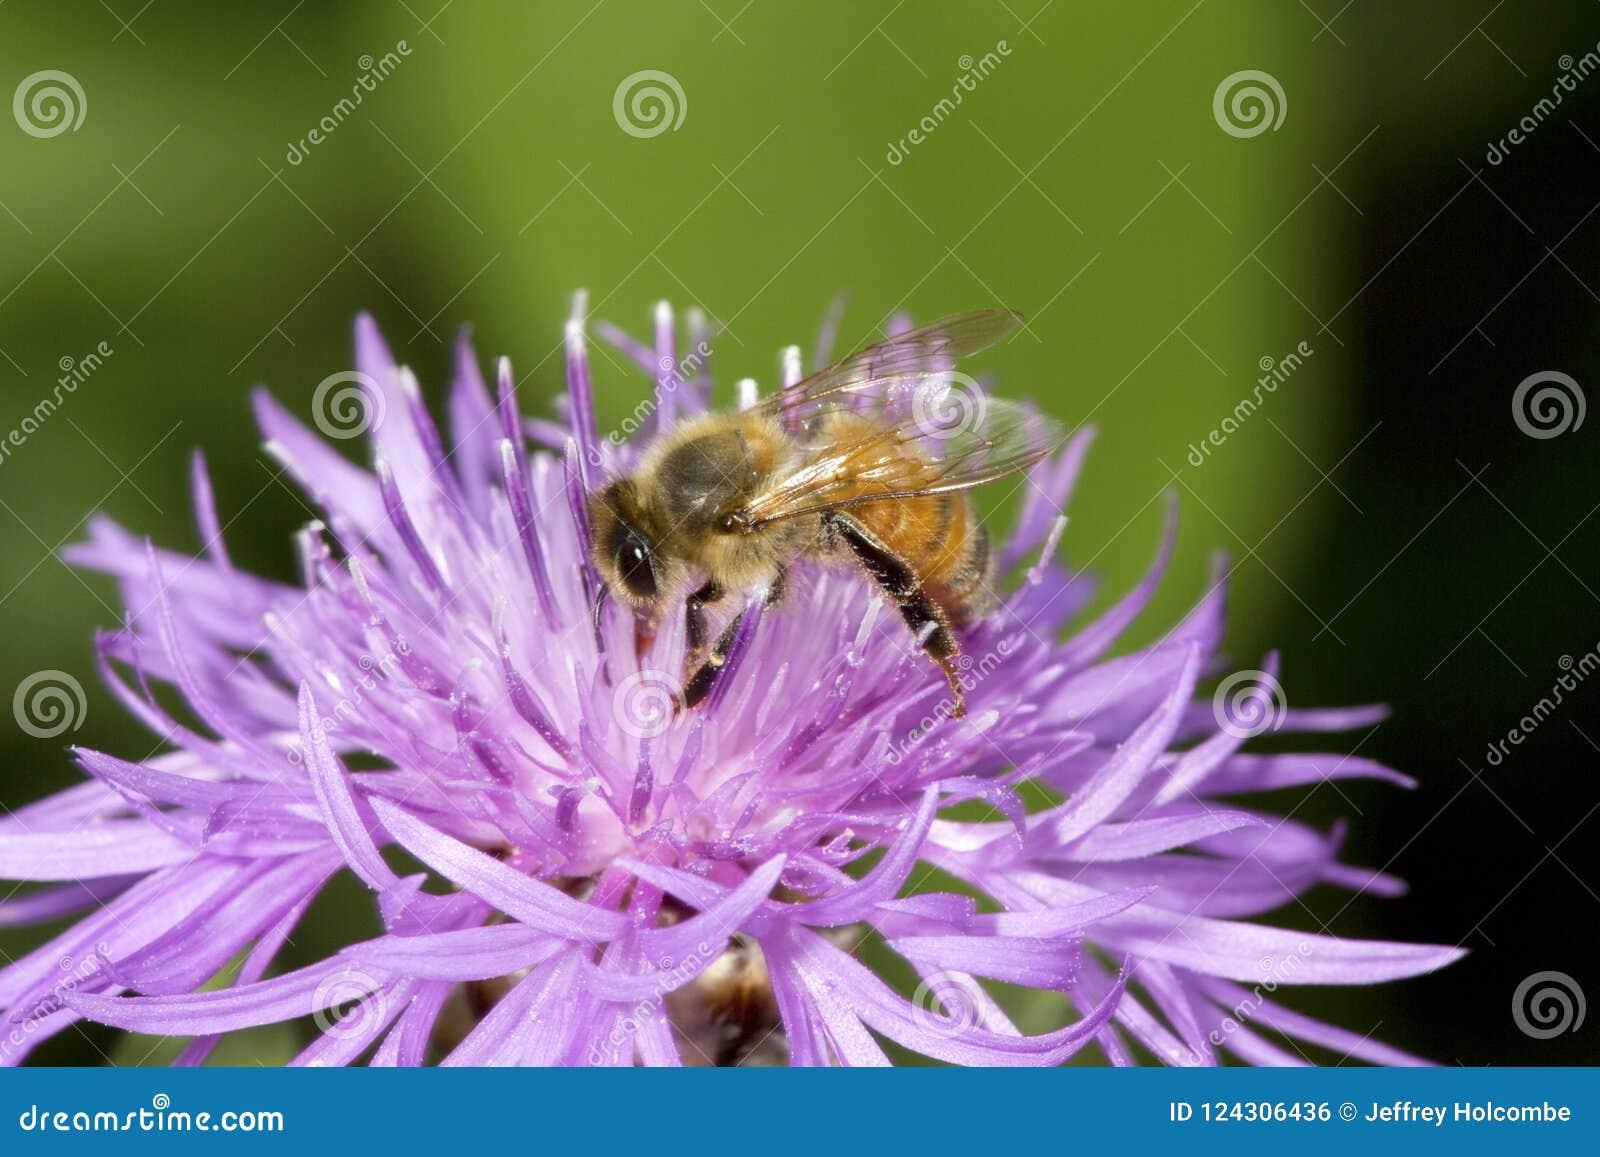 Pollinisateur occidental d abeille de miel forageant sur une fleur de bergamote